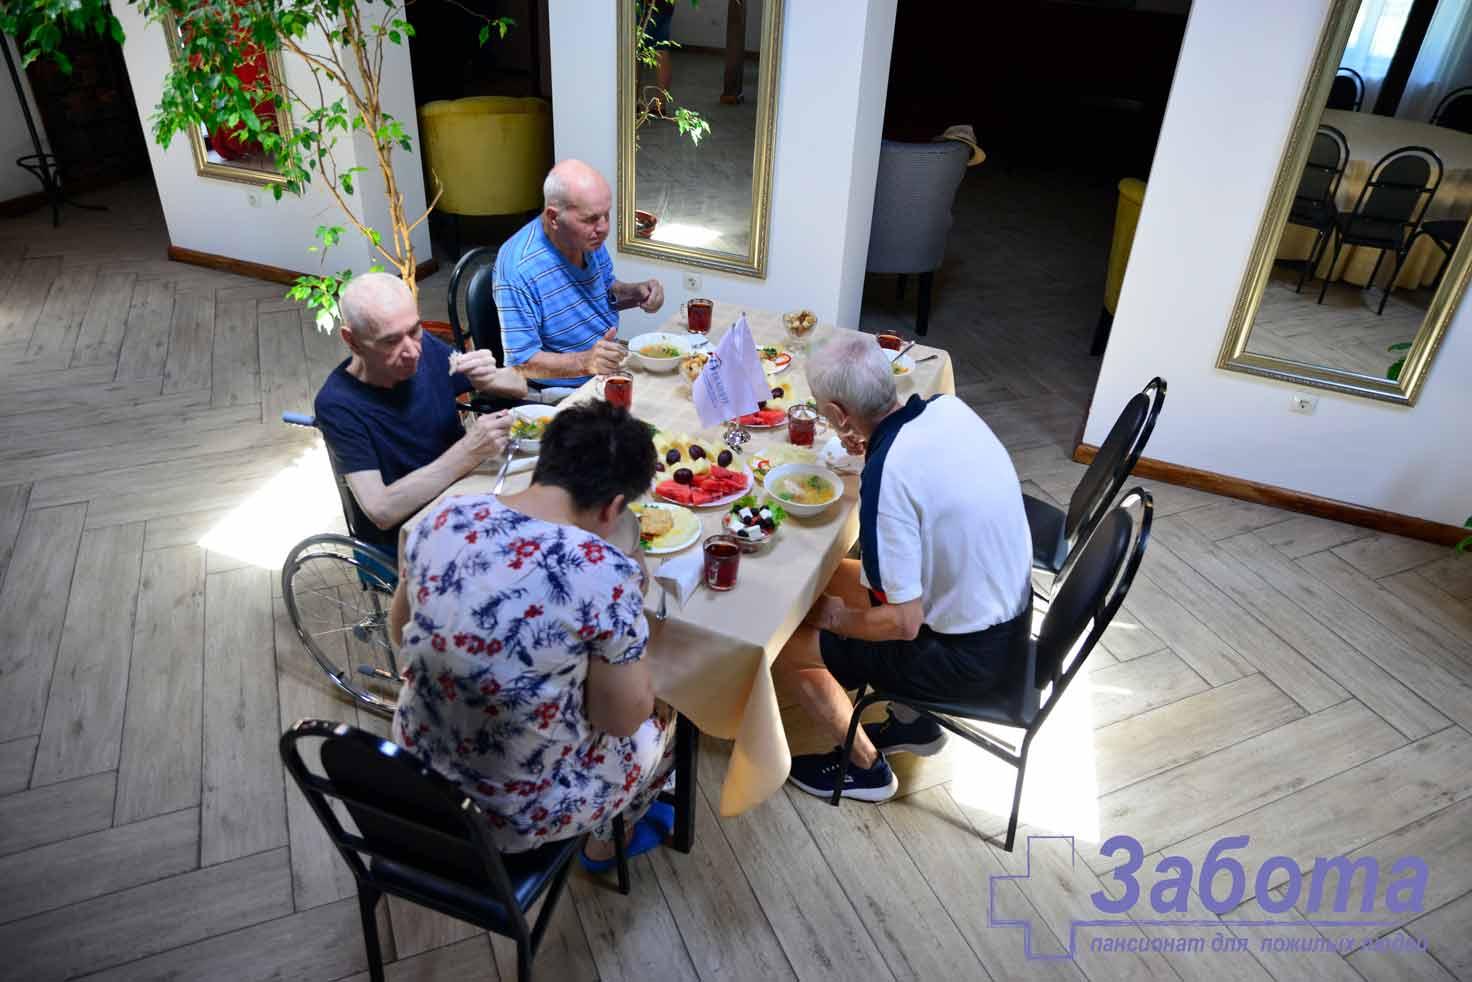 частный дом престарелых в молдове